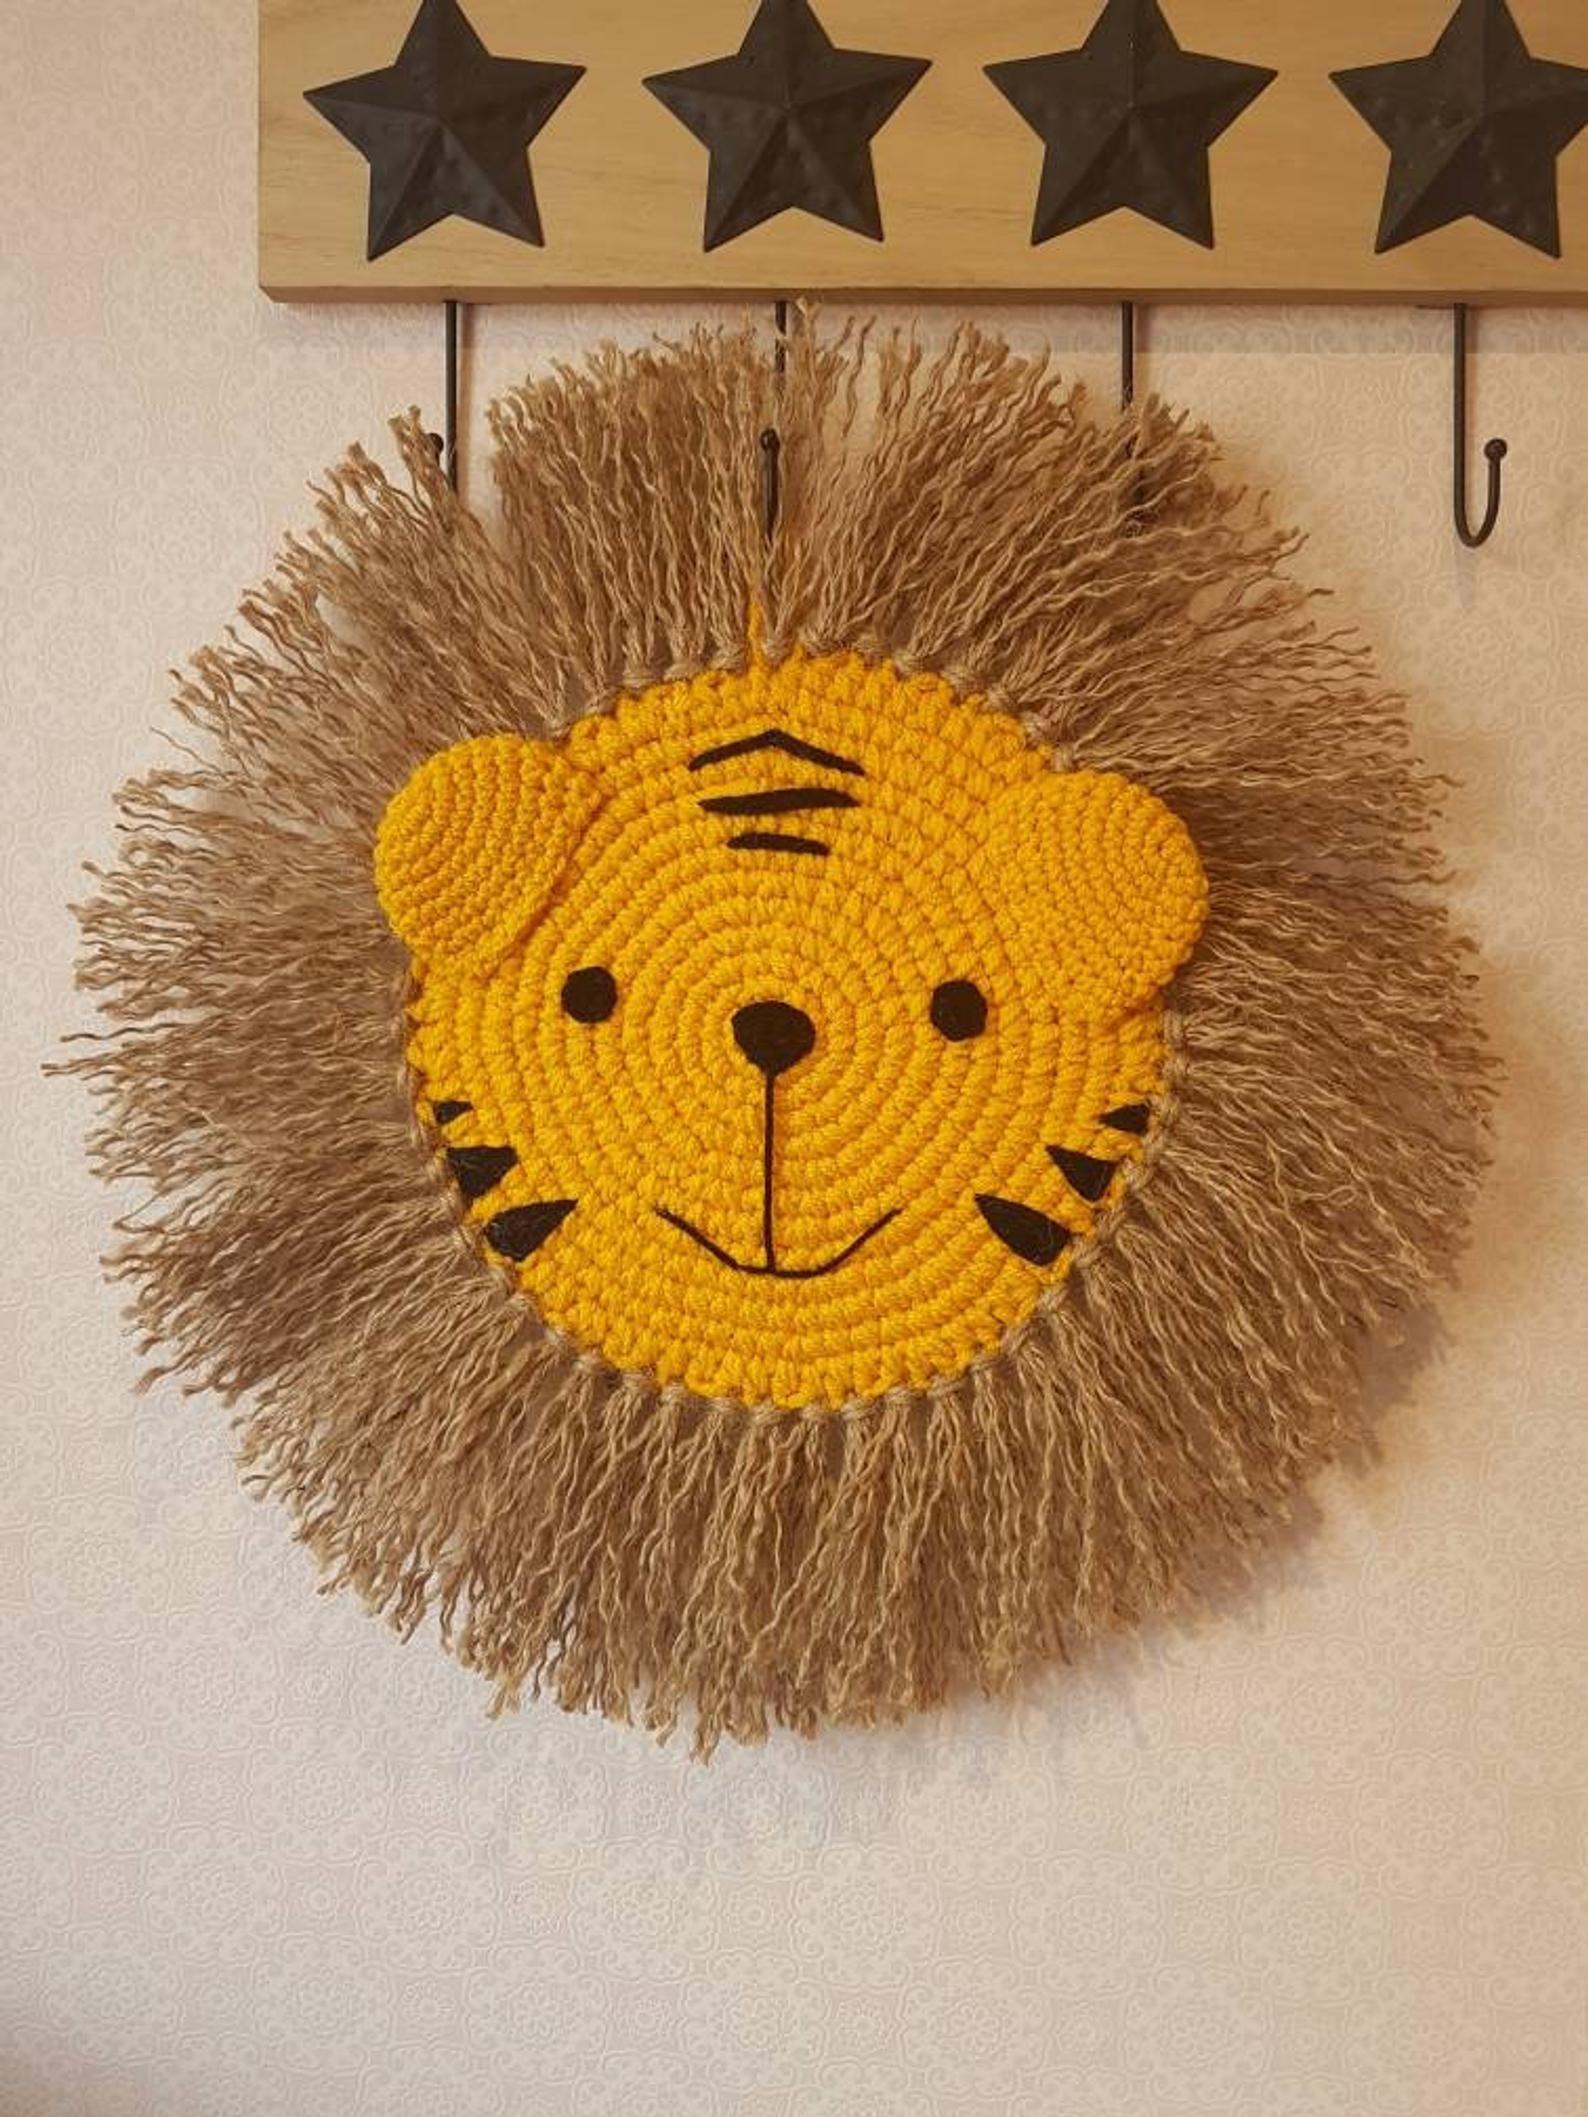 tiger wand aufhanger kunst wandteppich wandbehang tier kopf dekoration kinderzimmer dschungel themen wall art hanging hanger wandobjekte deko wanddekoration flur